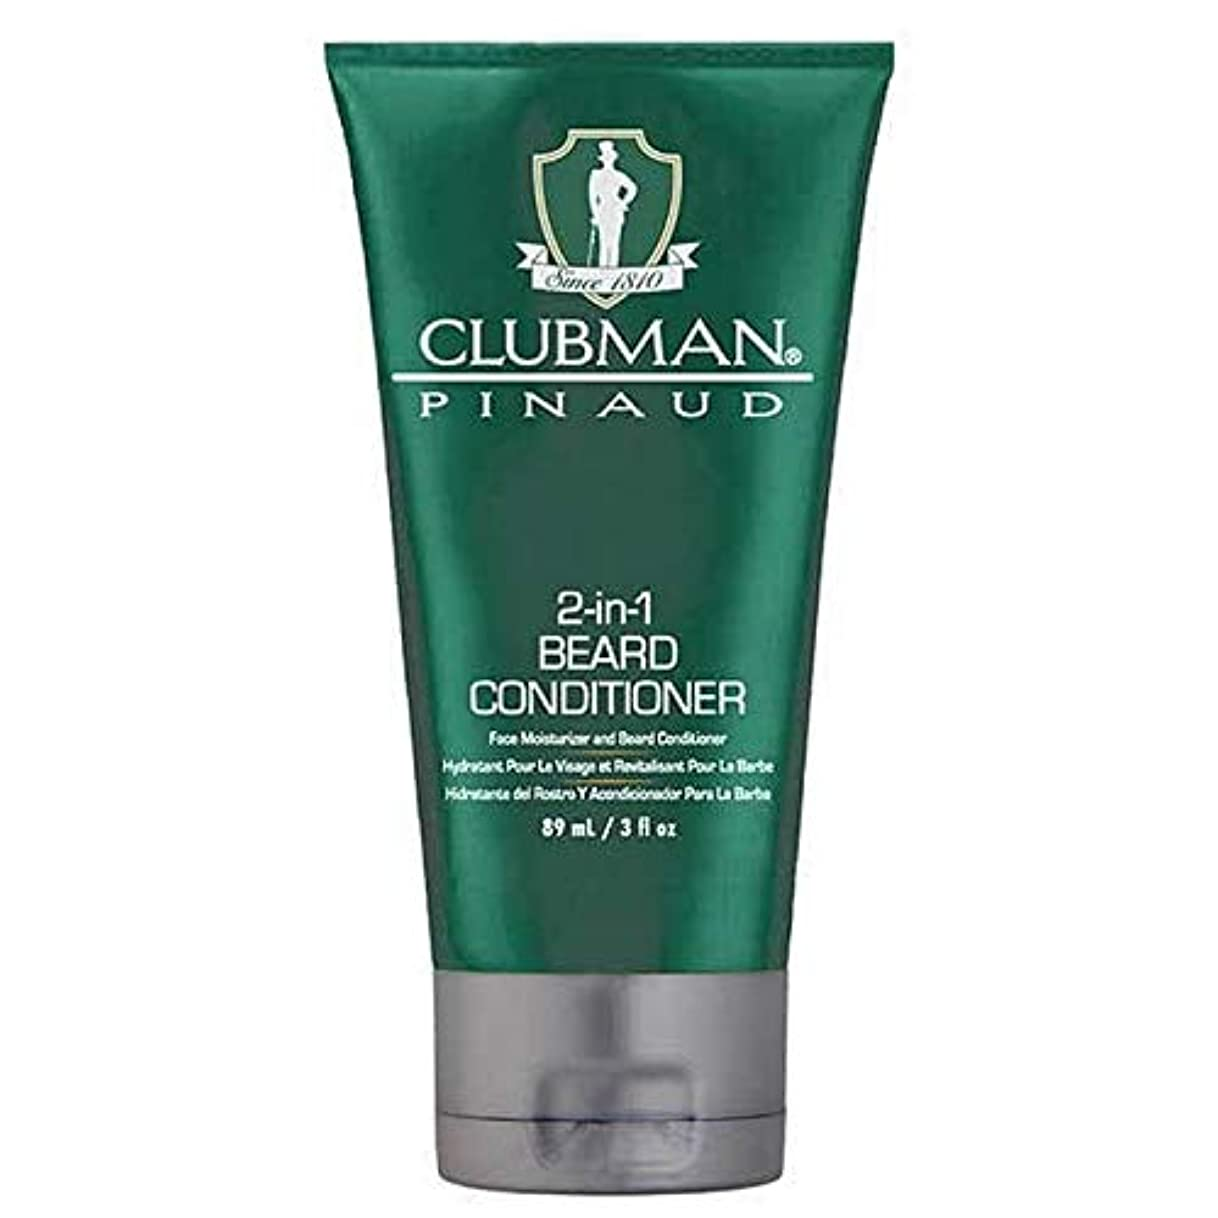 とは異なり検出可能悔い改め[Clubman ] クラブマン2-In-1髭コンディショナー89ミリリットル - Clubman 2-in-1 Beard Conditioner 89ml [並行輸入品]